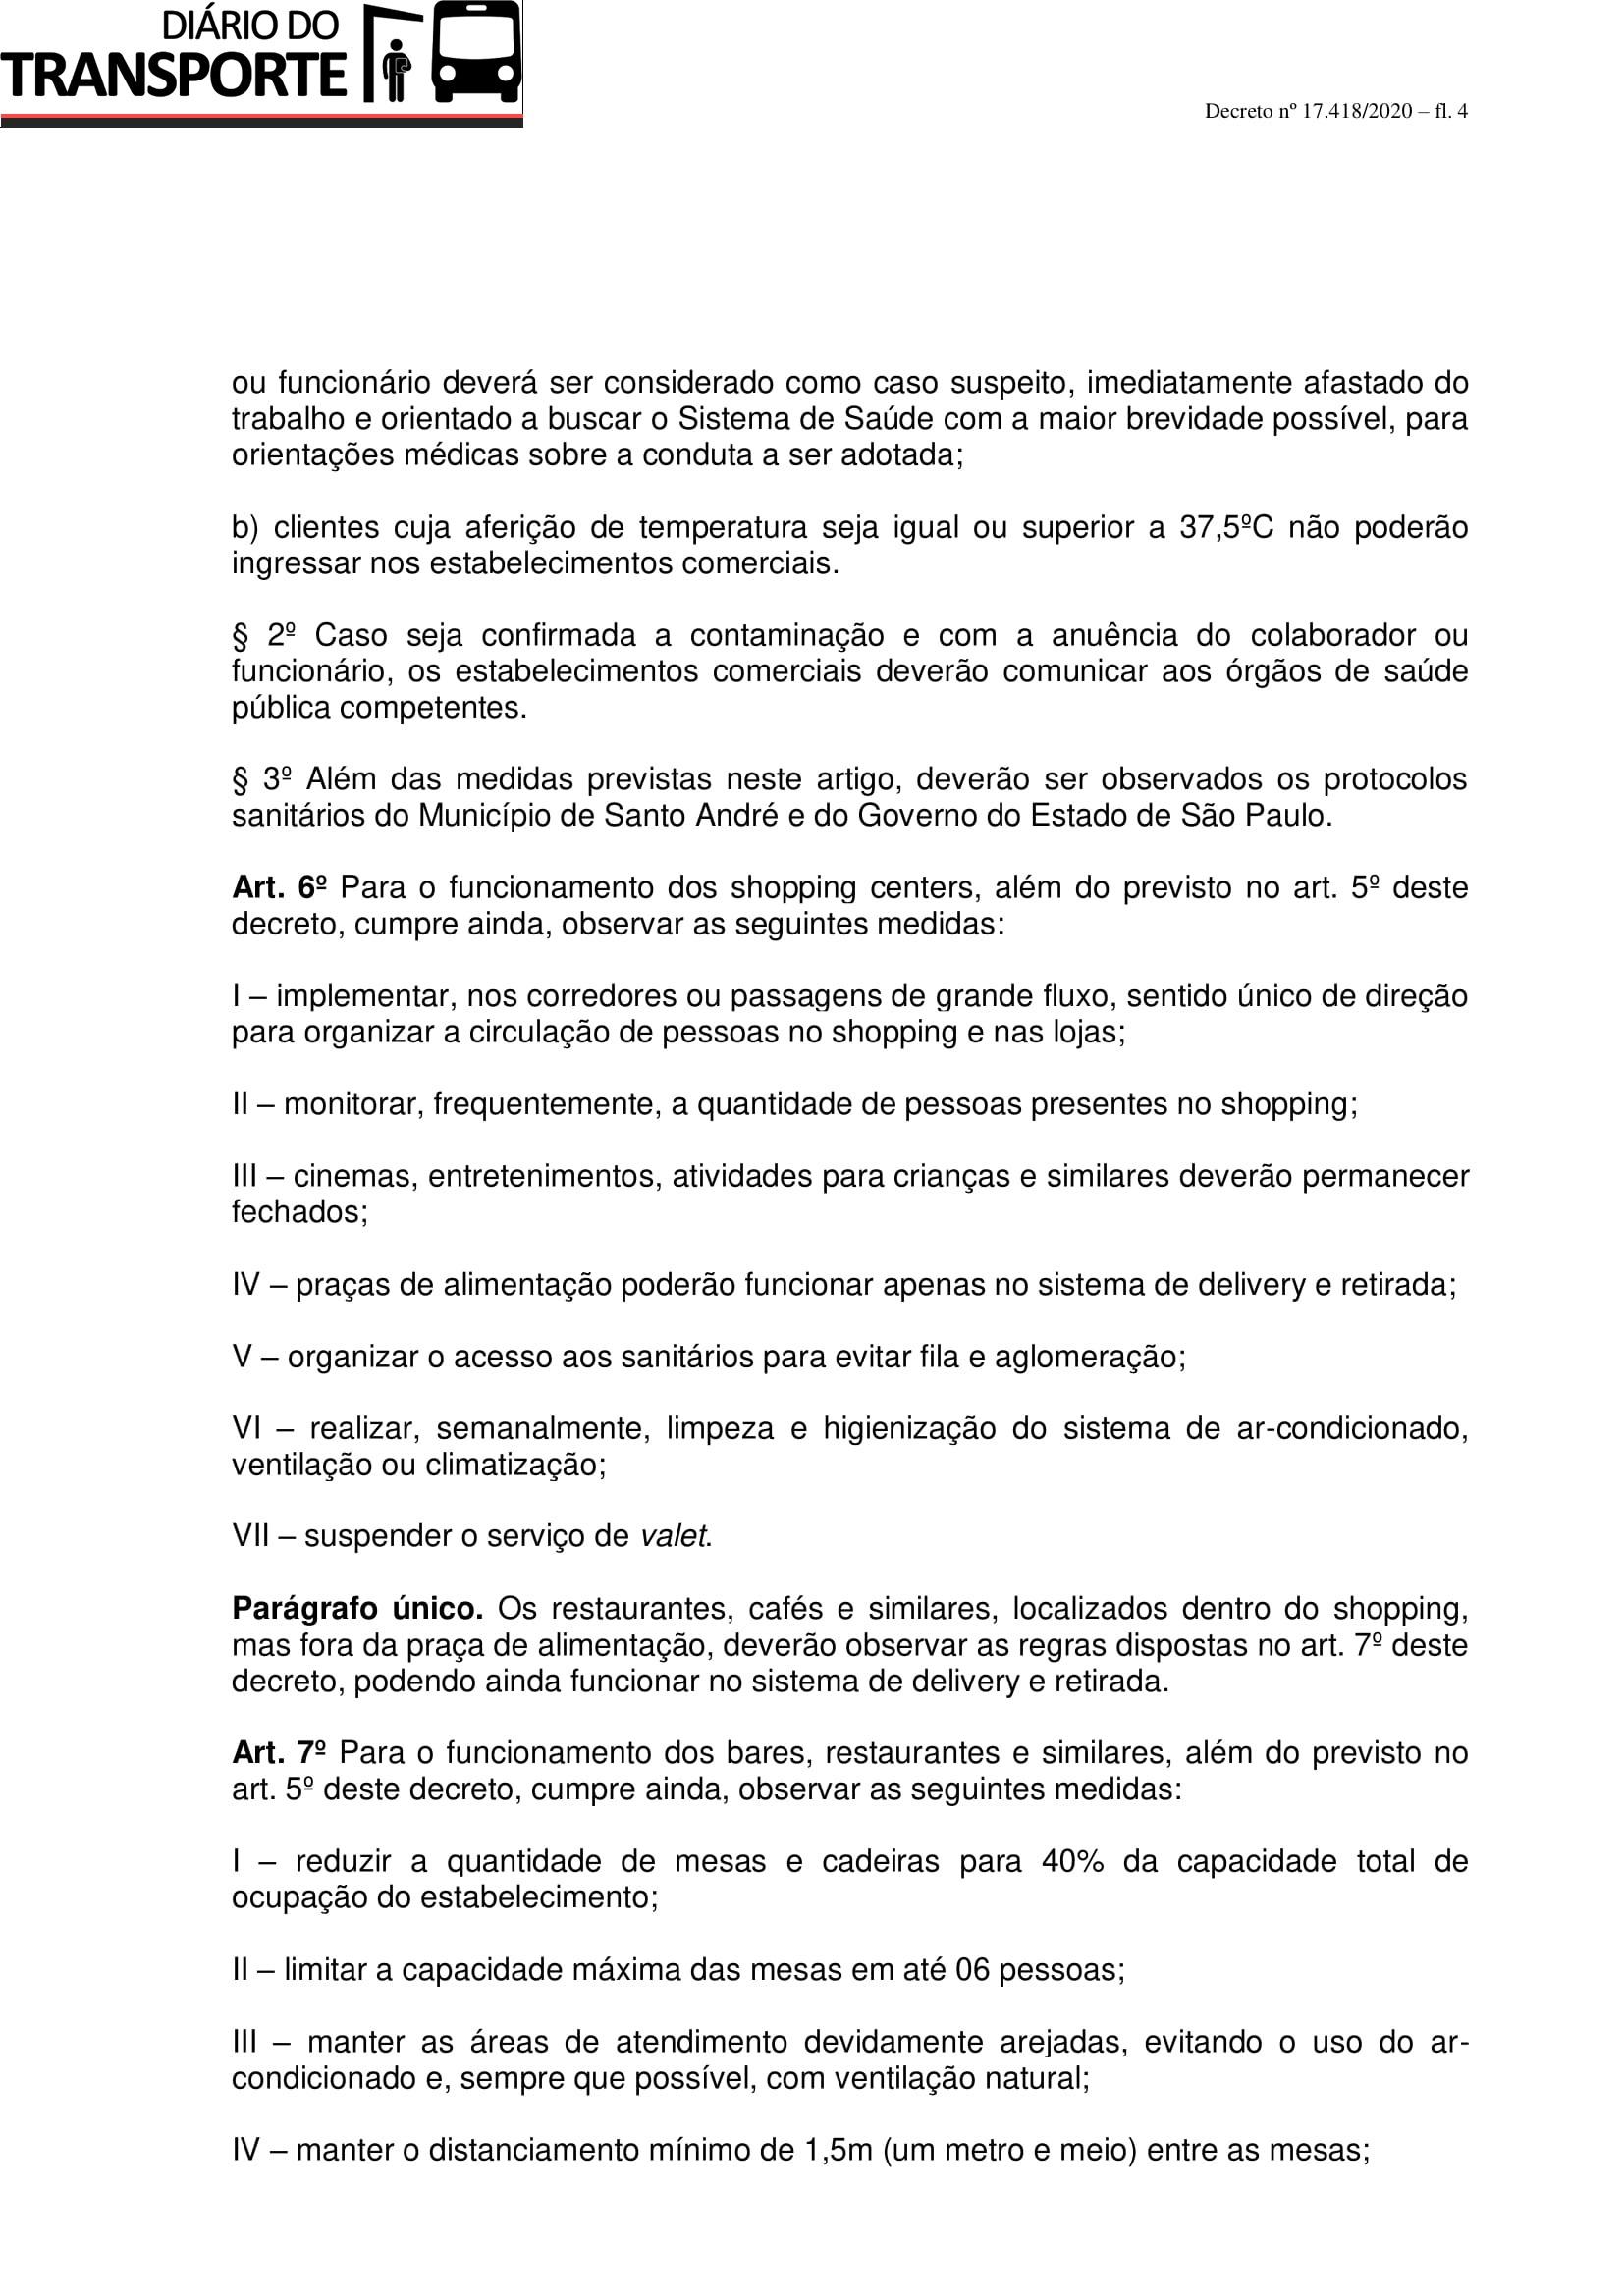 Decreto nº 17.418 (Retomada gradual e consciente da economia - fase amarela)-4